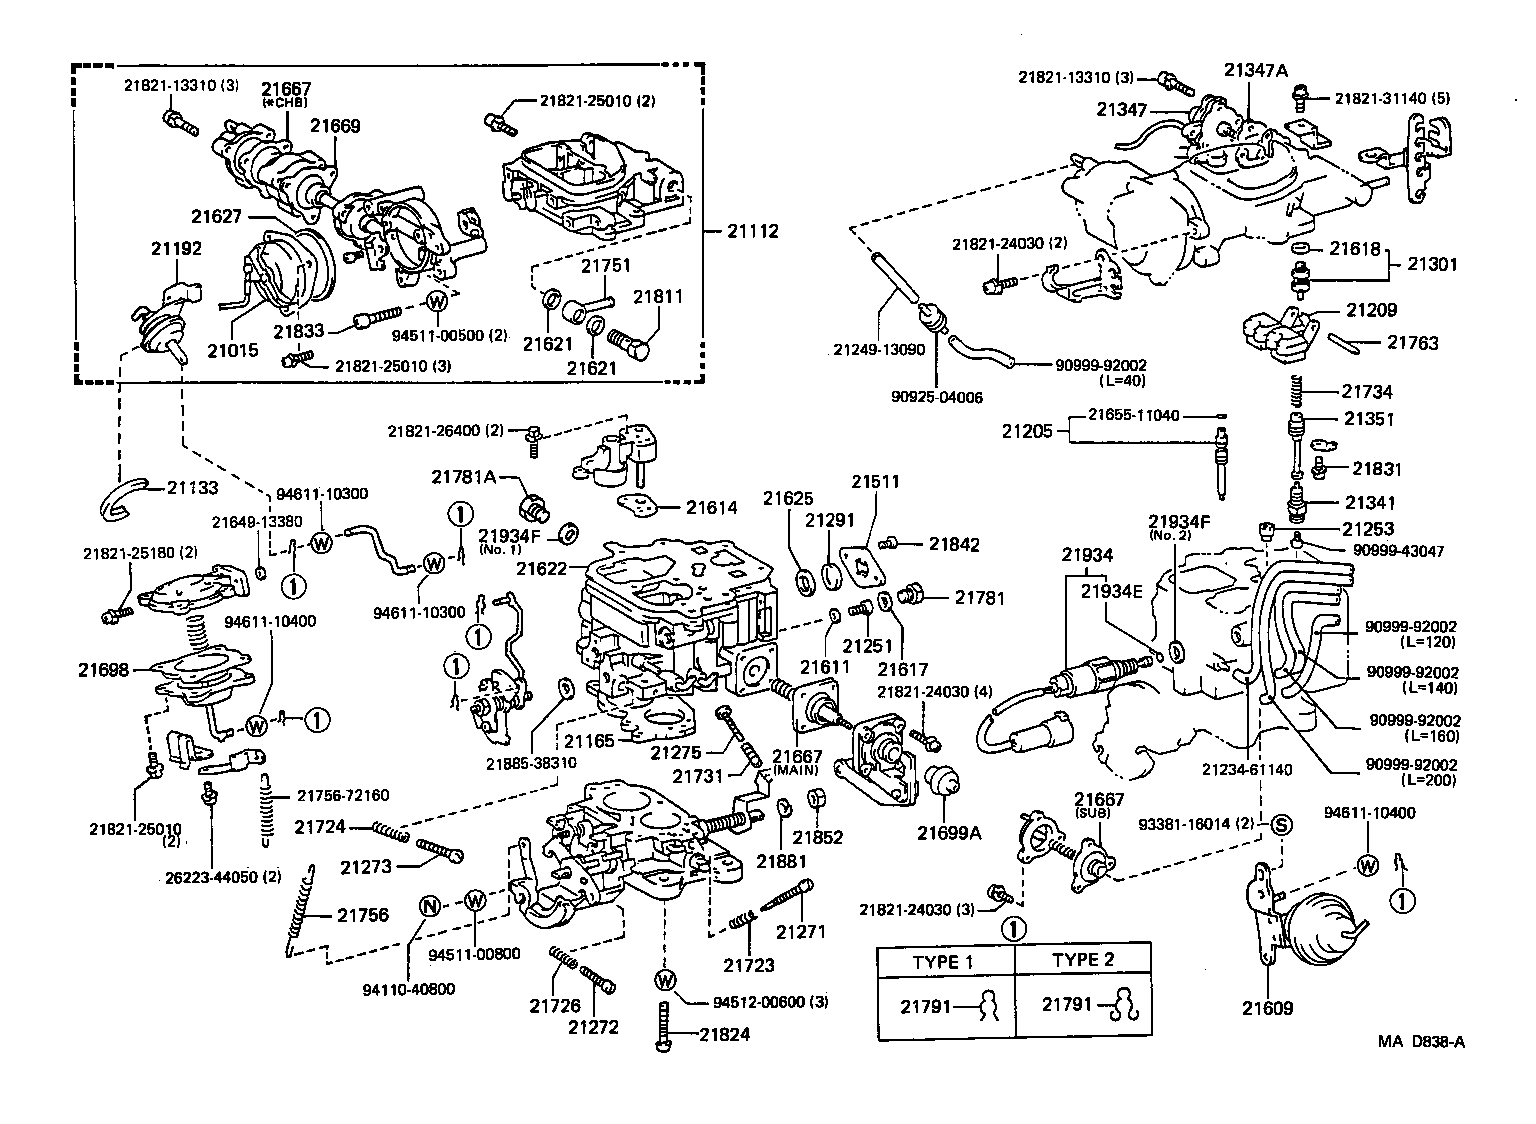 toyota dyna 100yh81l-mdpw - tool-engine-fuel